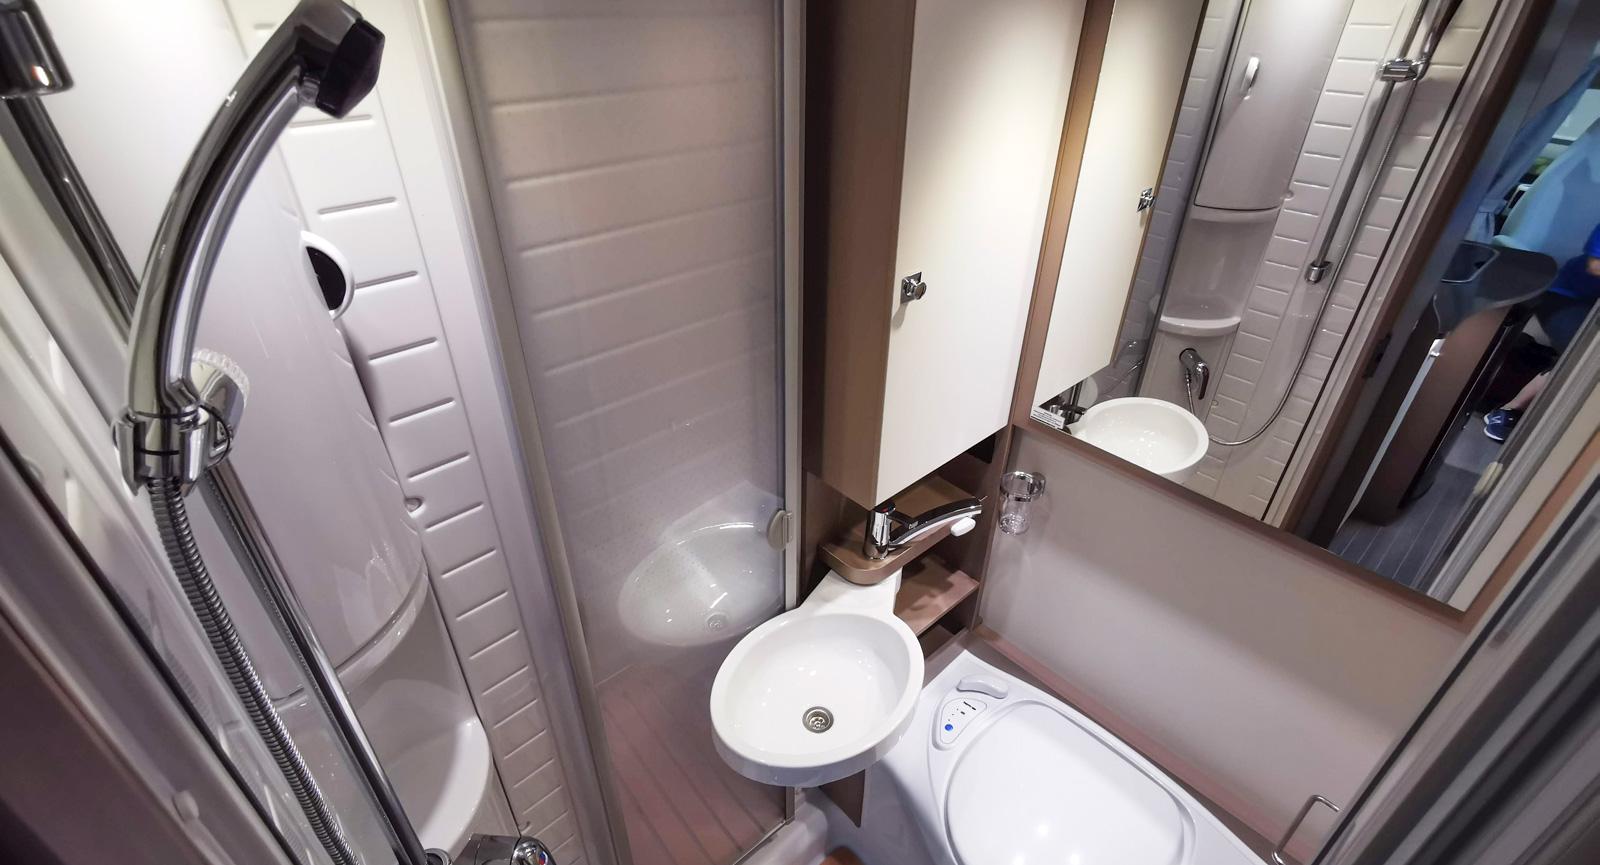 Allt-i-ett badrum med svängbart handfat och duschvägg som stänger av mot toaletten vid duschning.